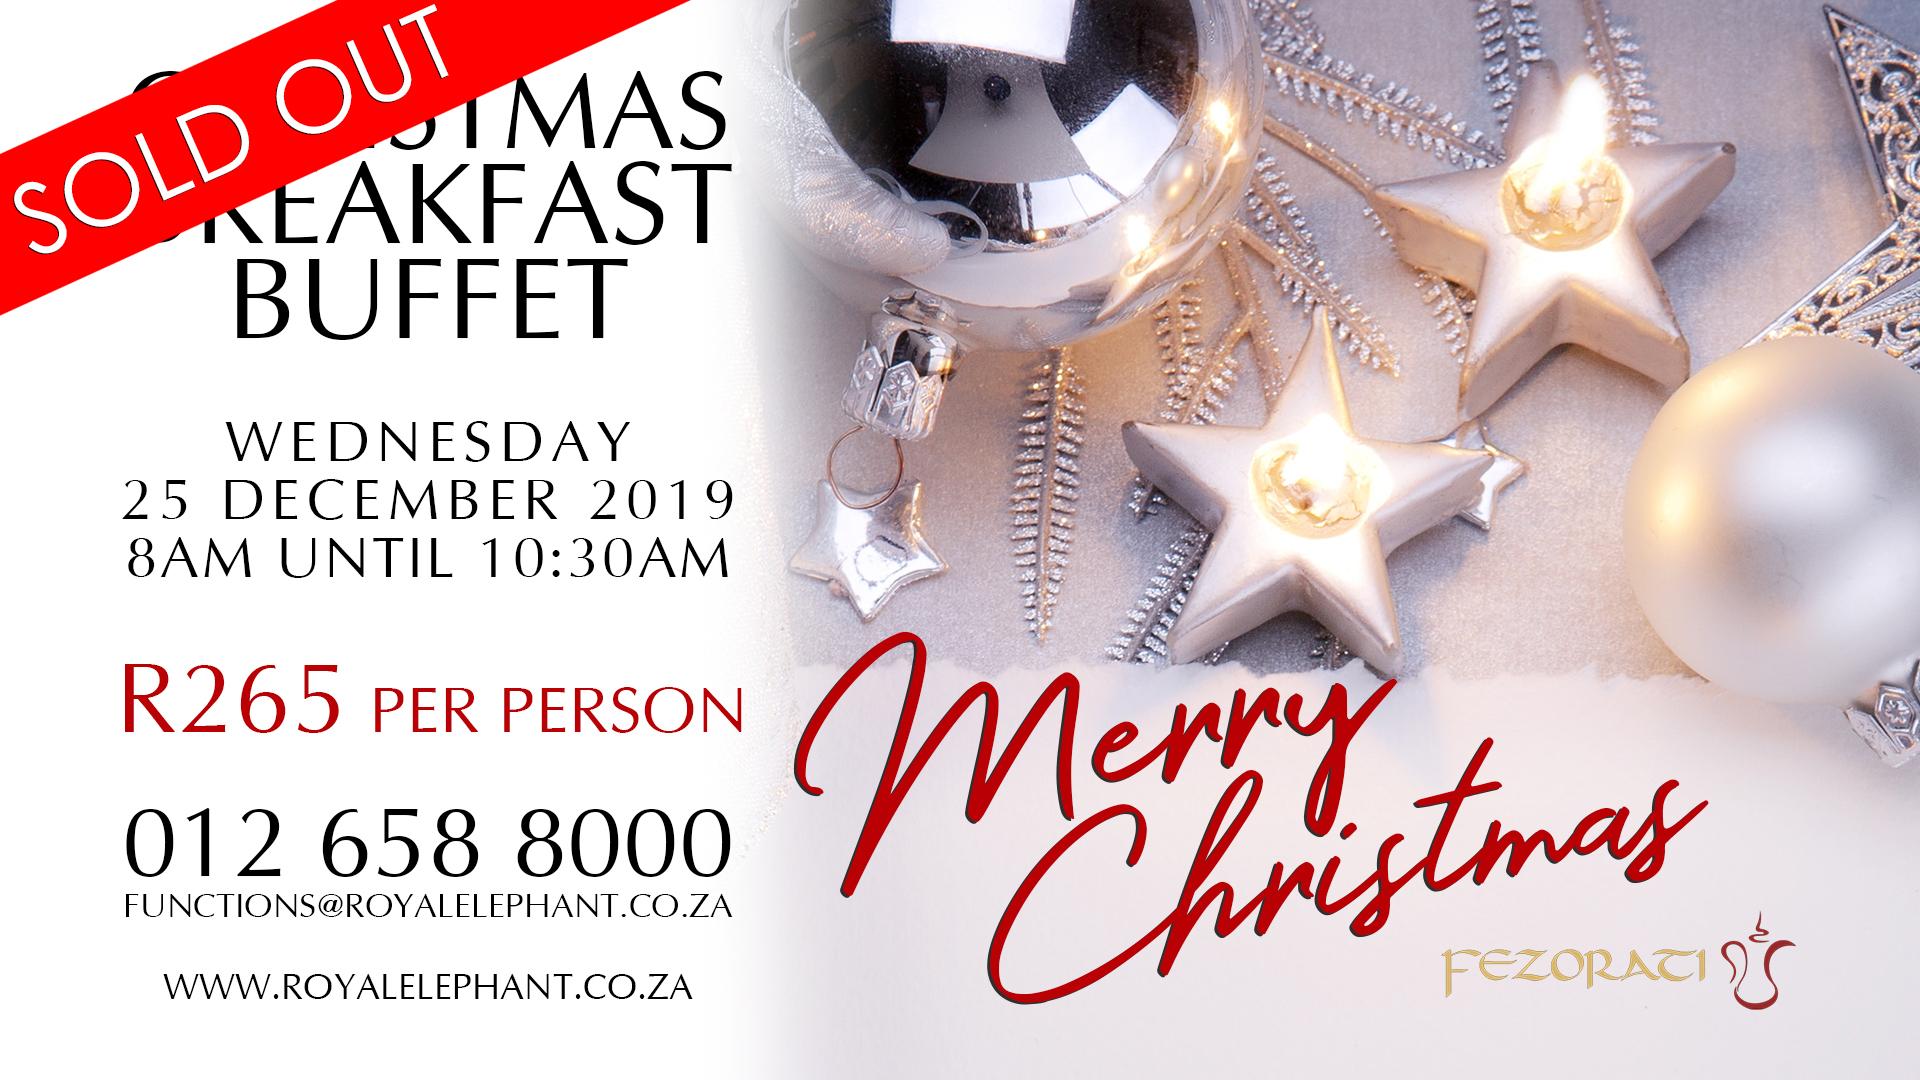 Christmas Breakfast Buffet – 25 December 2019